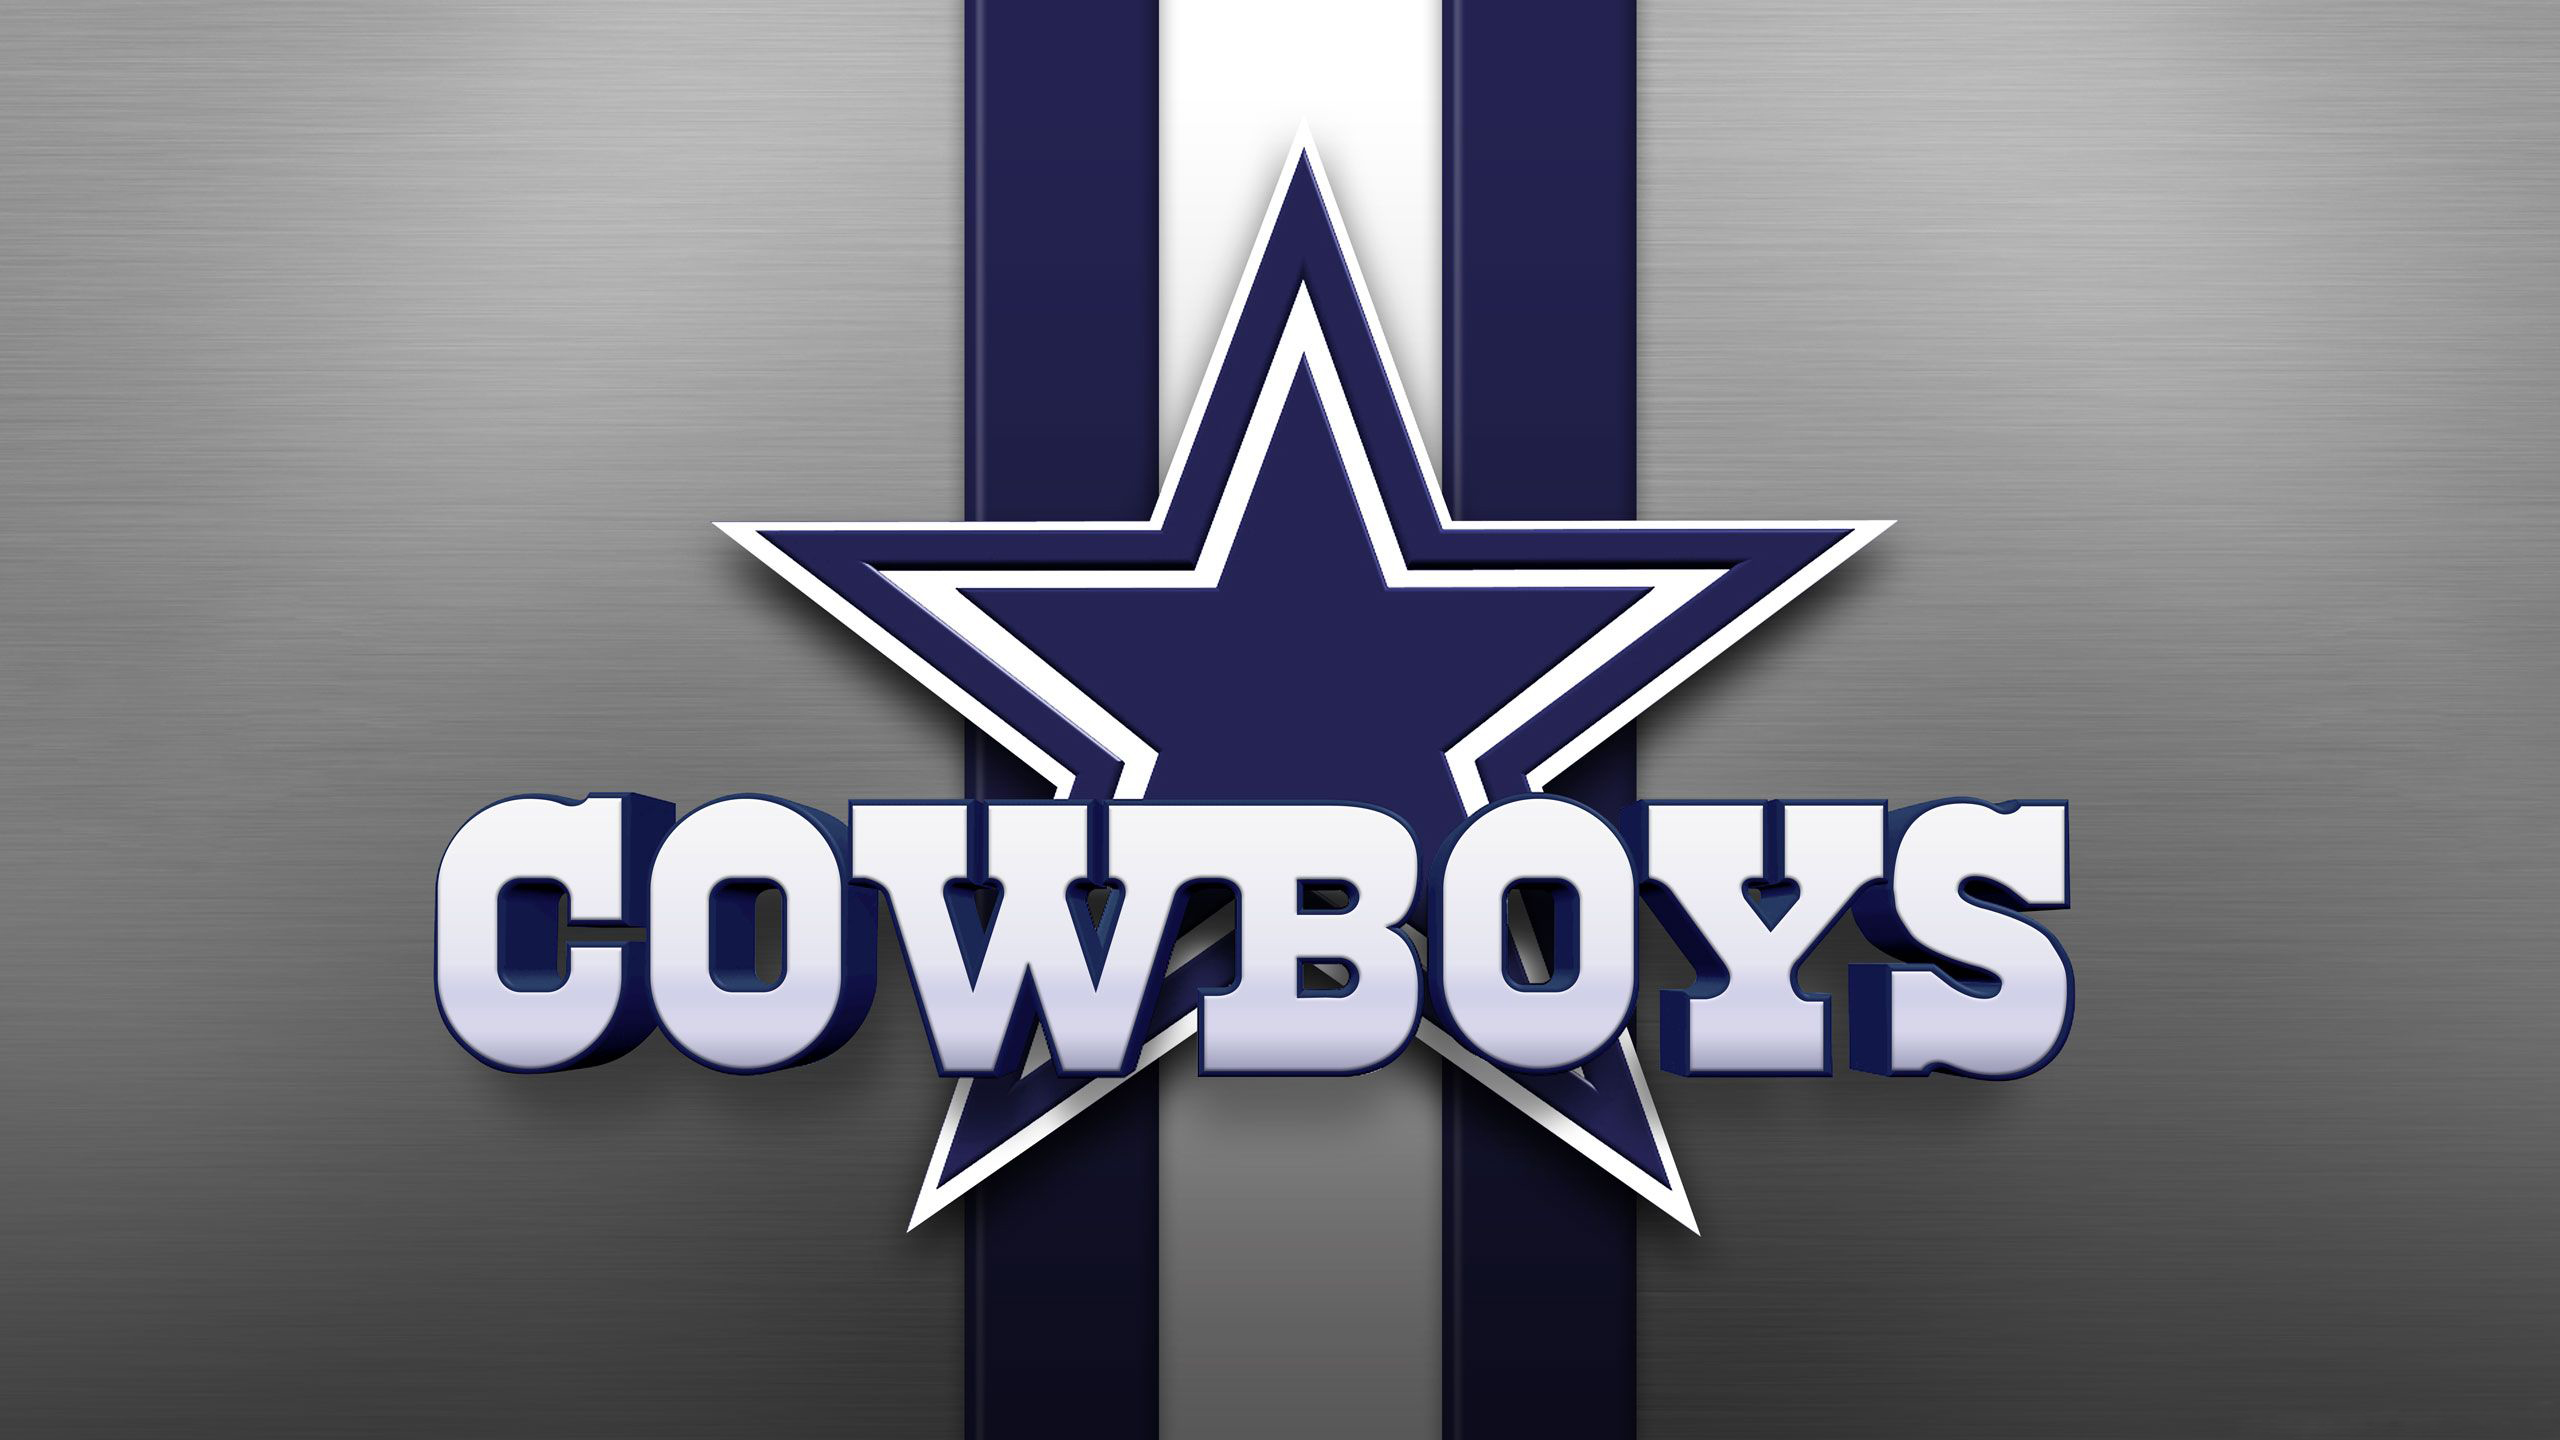 Dallas Cowboys Wallpaper Hd - HD Wallpaper